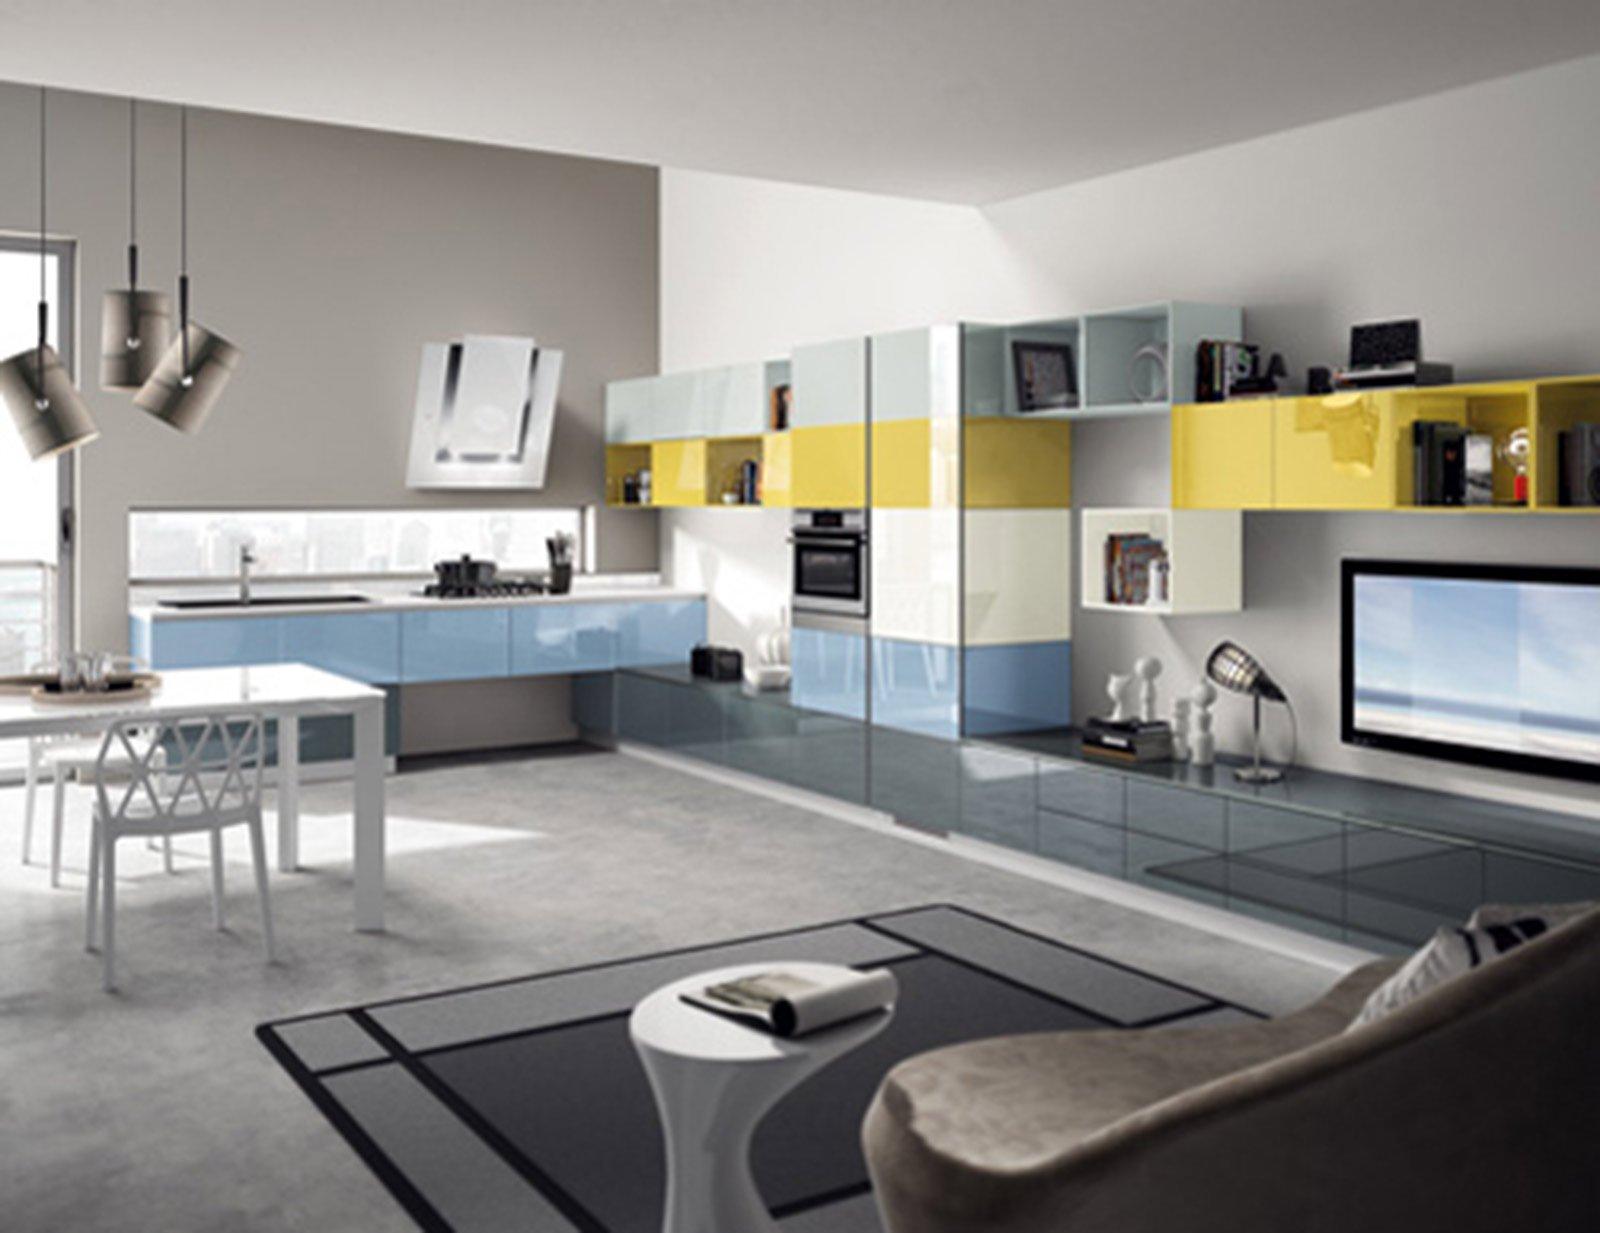 Vetro e colore per un ambiente contemporaneo cose di casa for Piccola cucina a concetto aperto